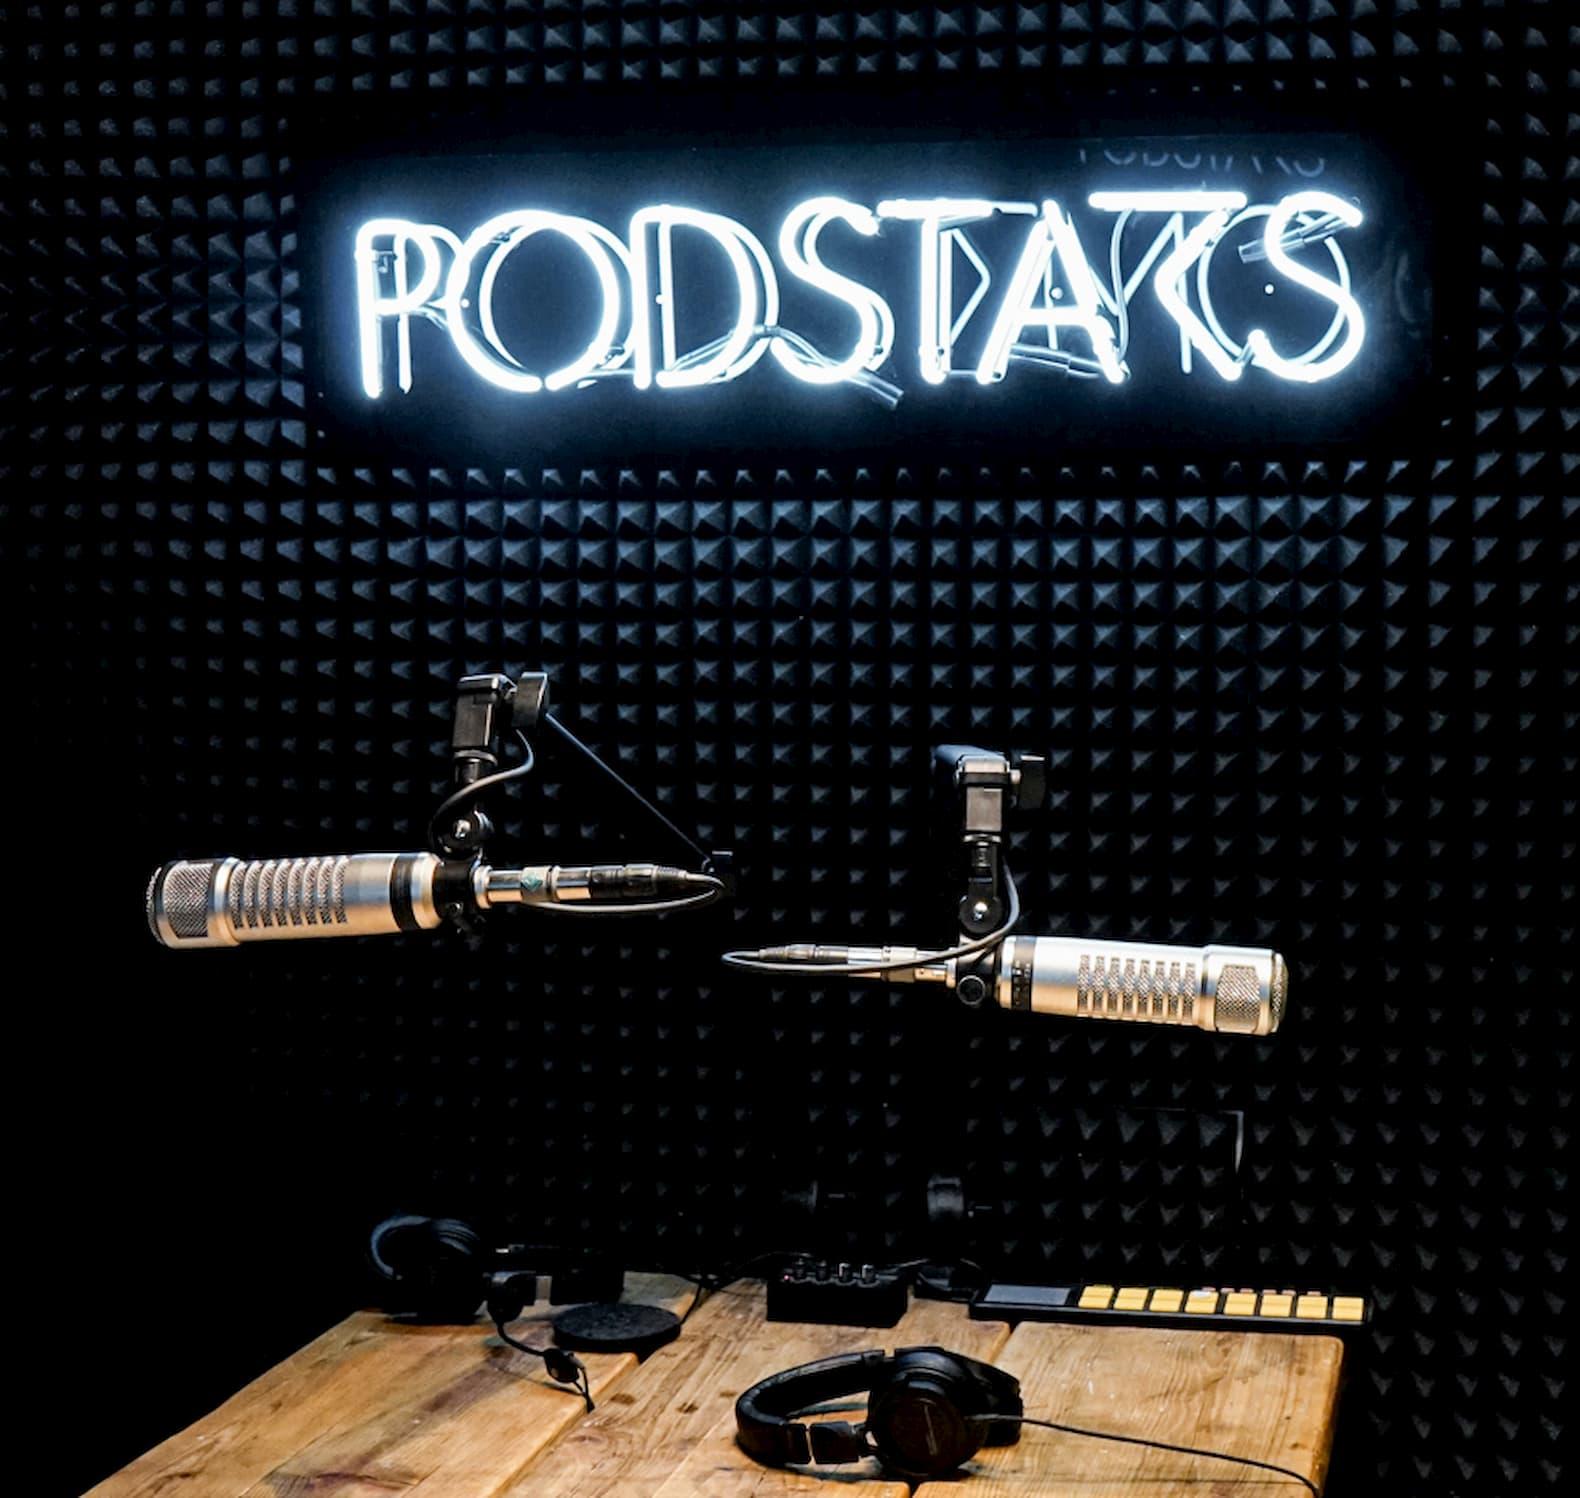 Das Podcast-Studio von Podstars